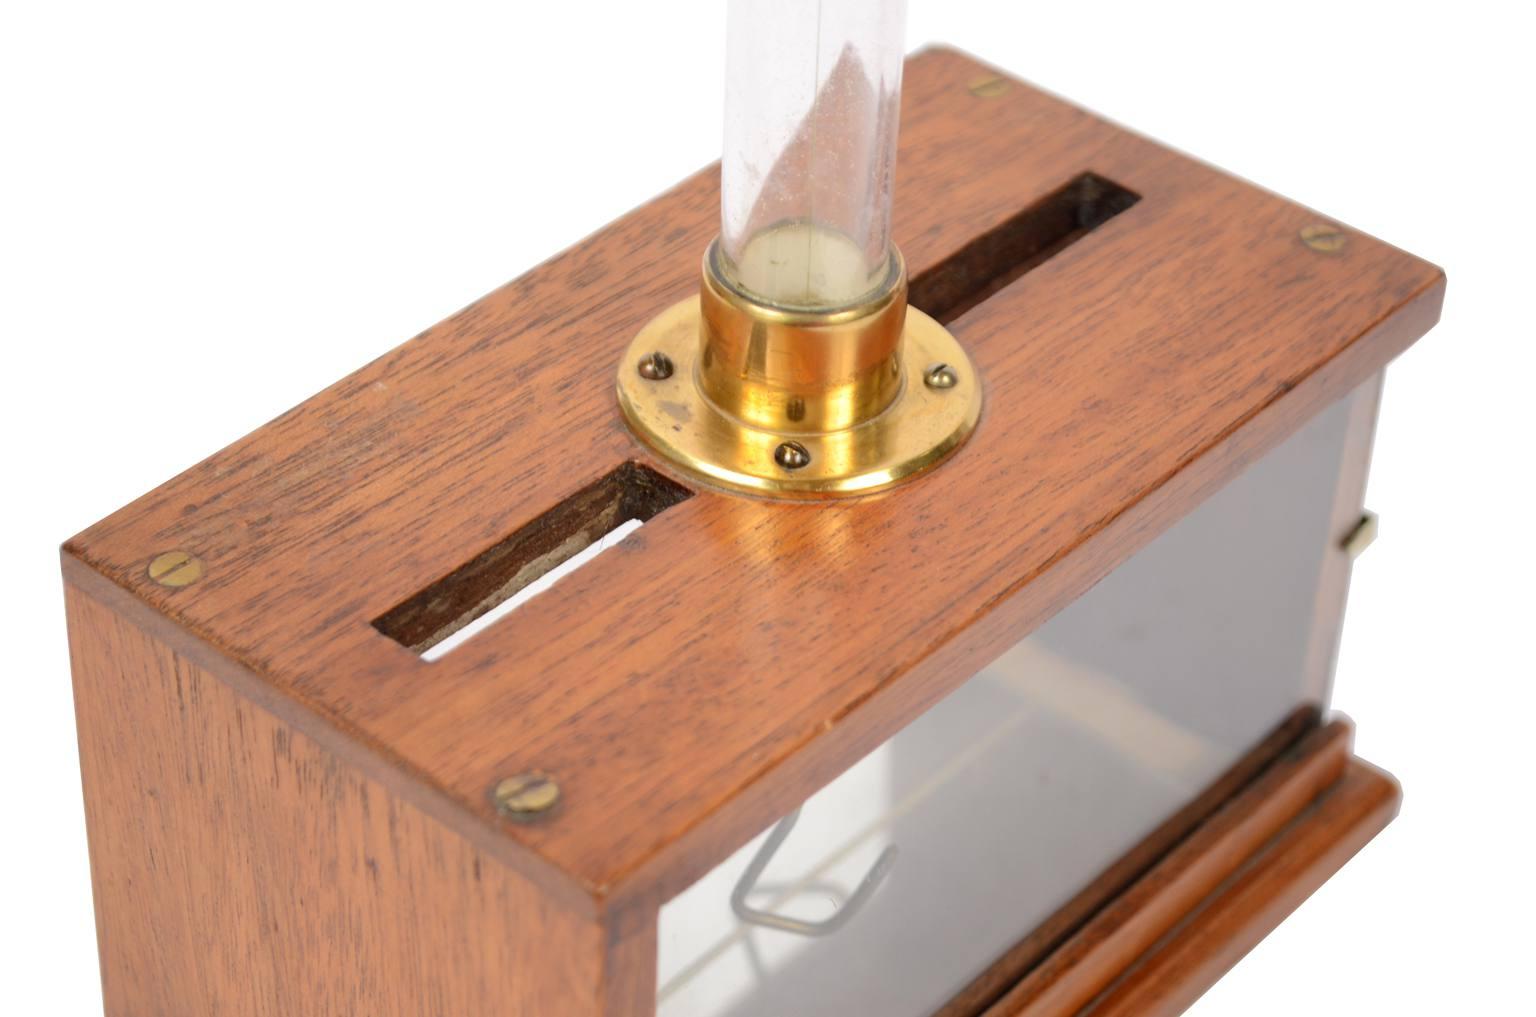 Strumenti di misura antichi/A14-Rivelatore a pendolo